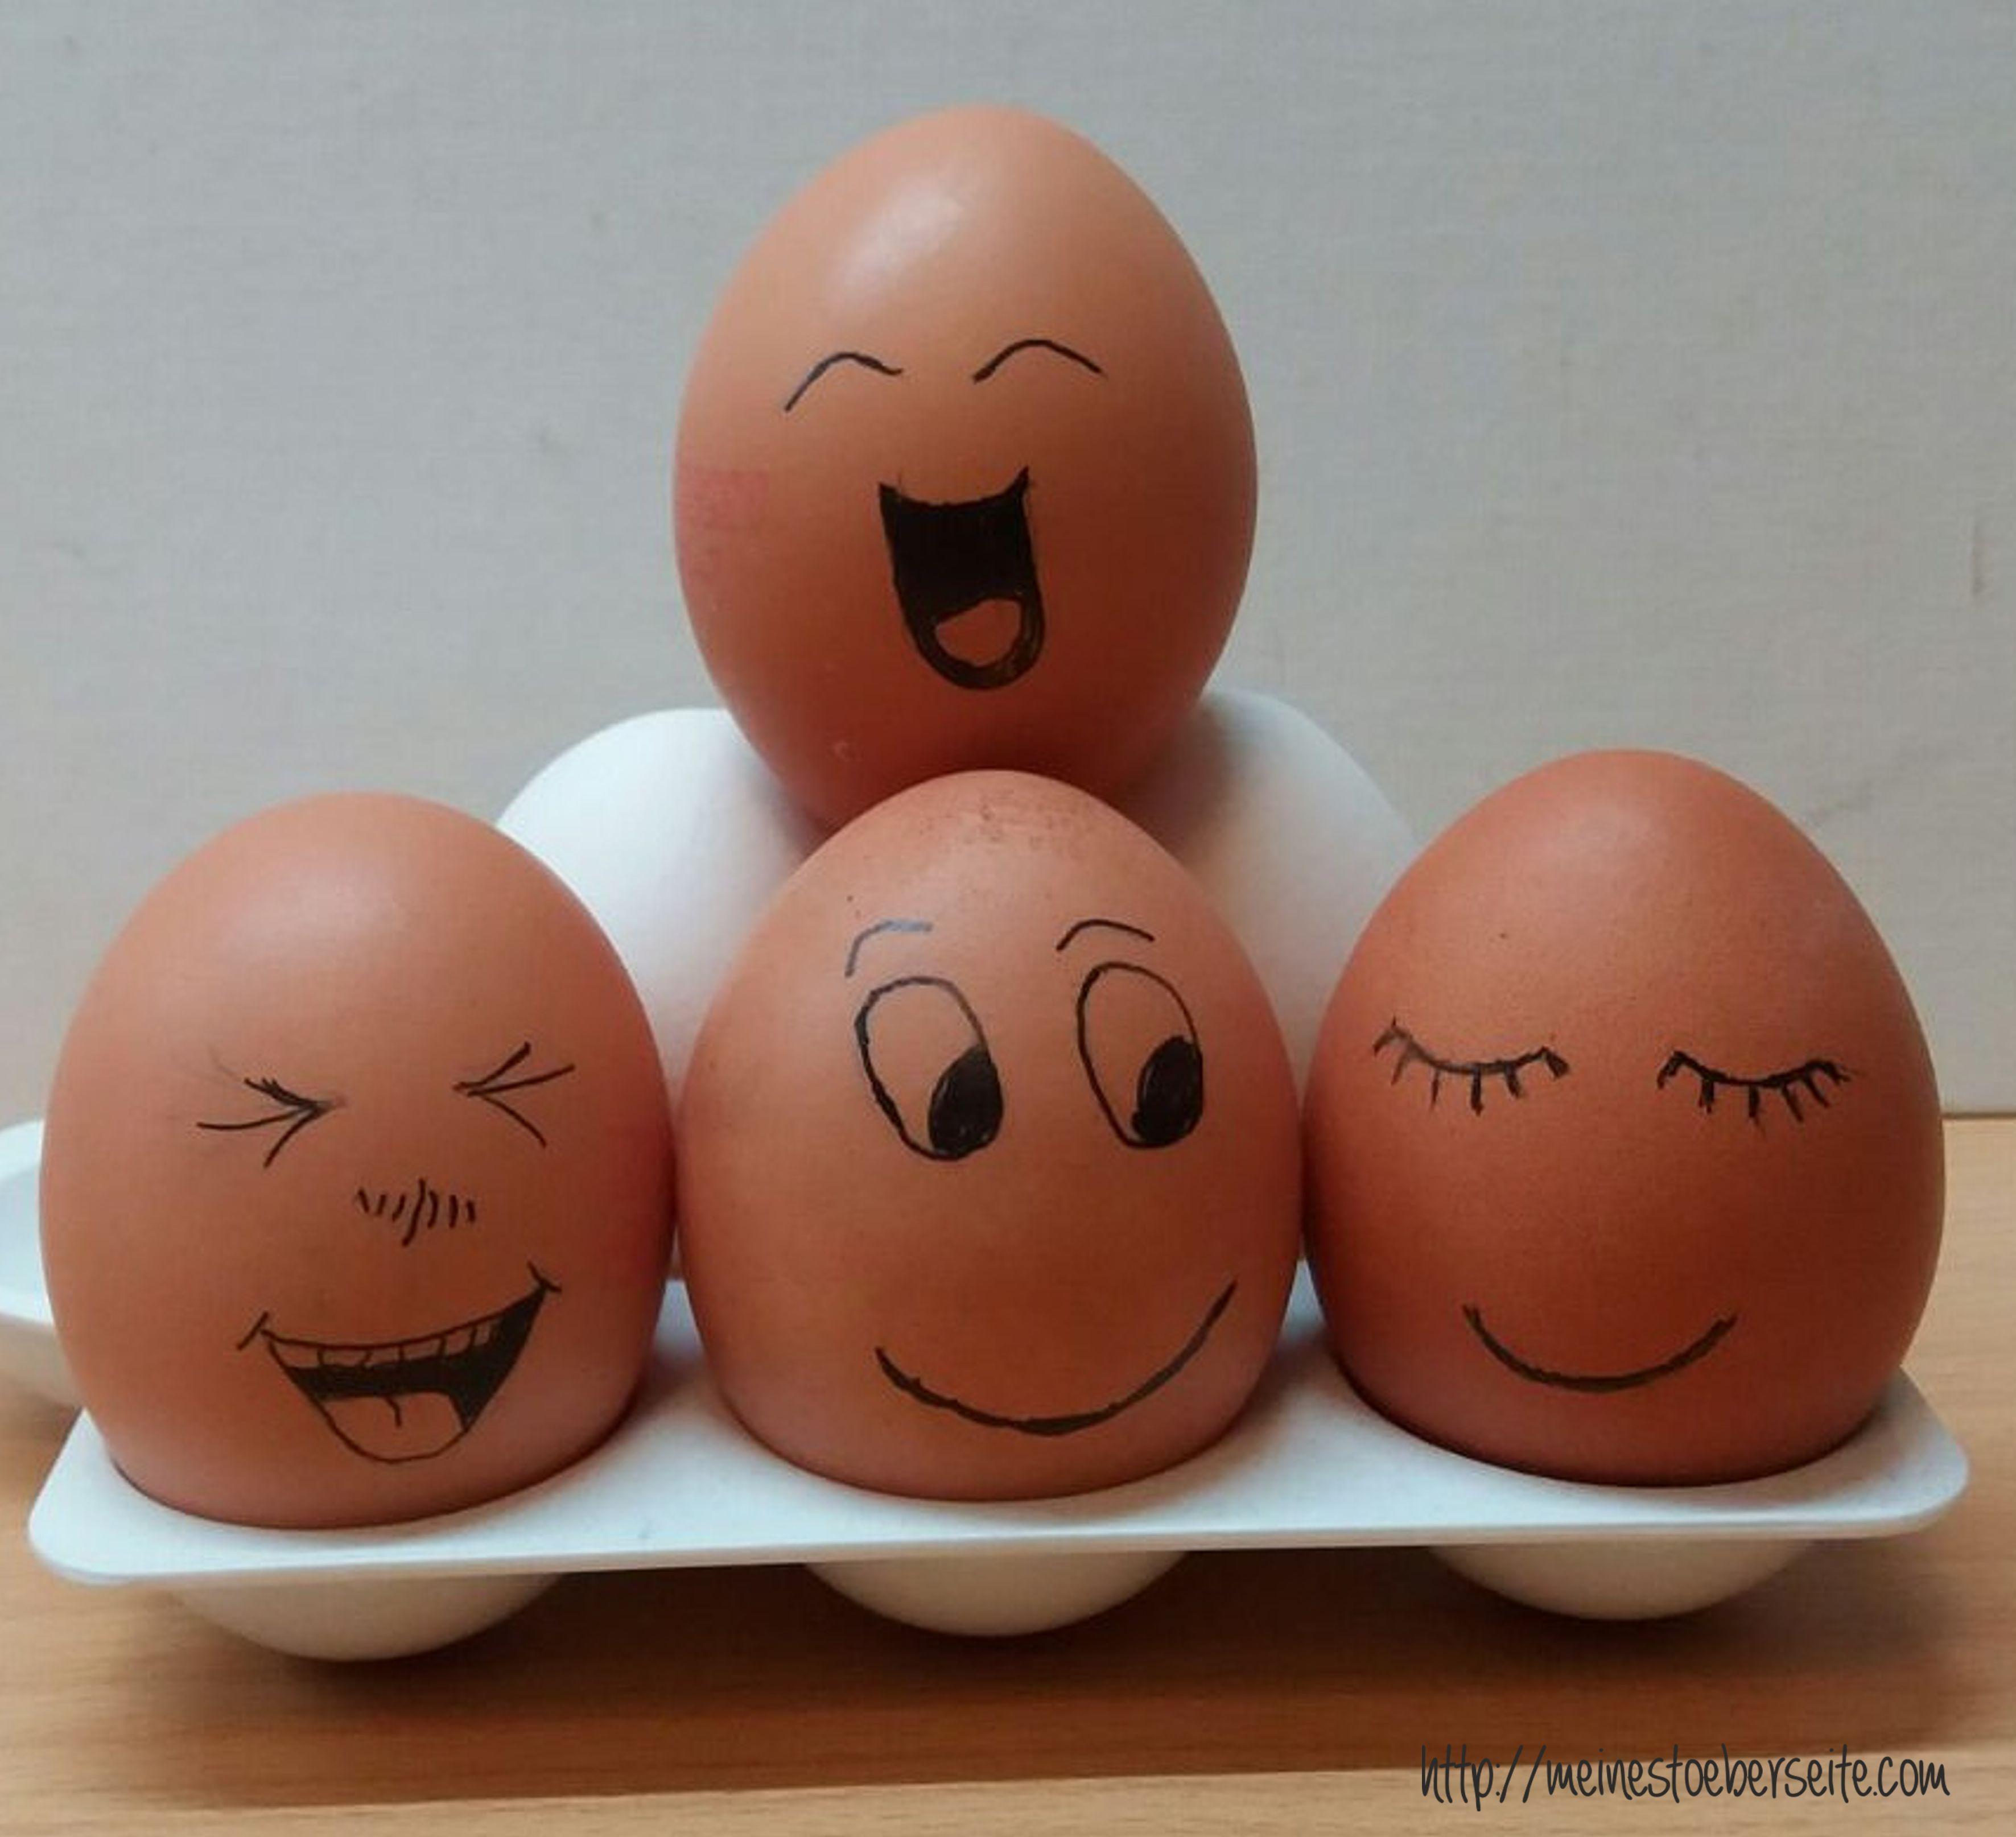 721 Eier mit Gesicht #birthdaybasket